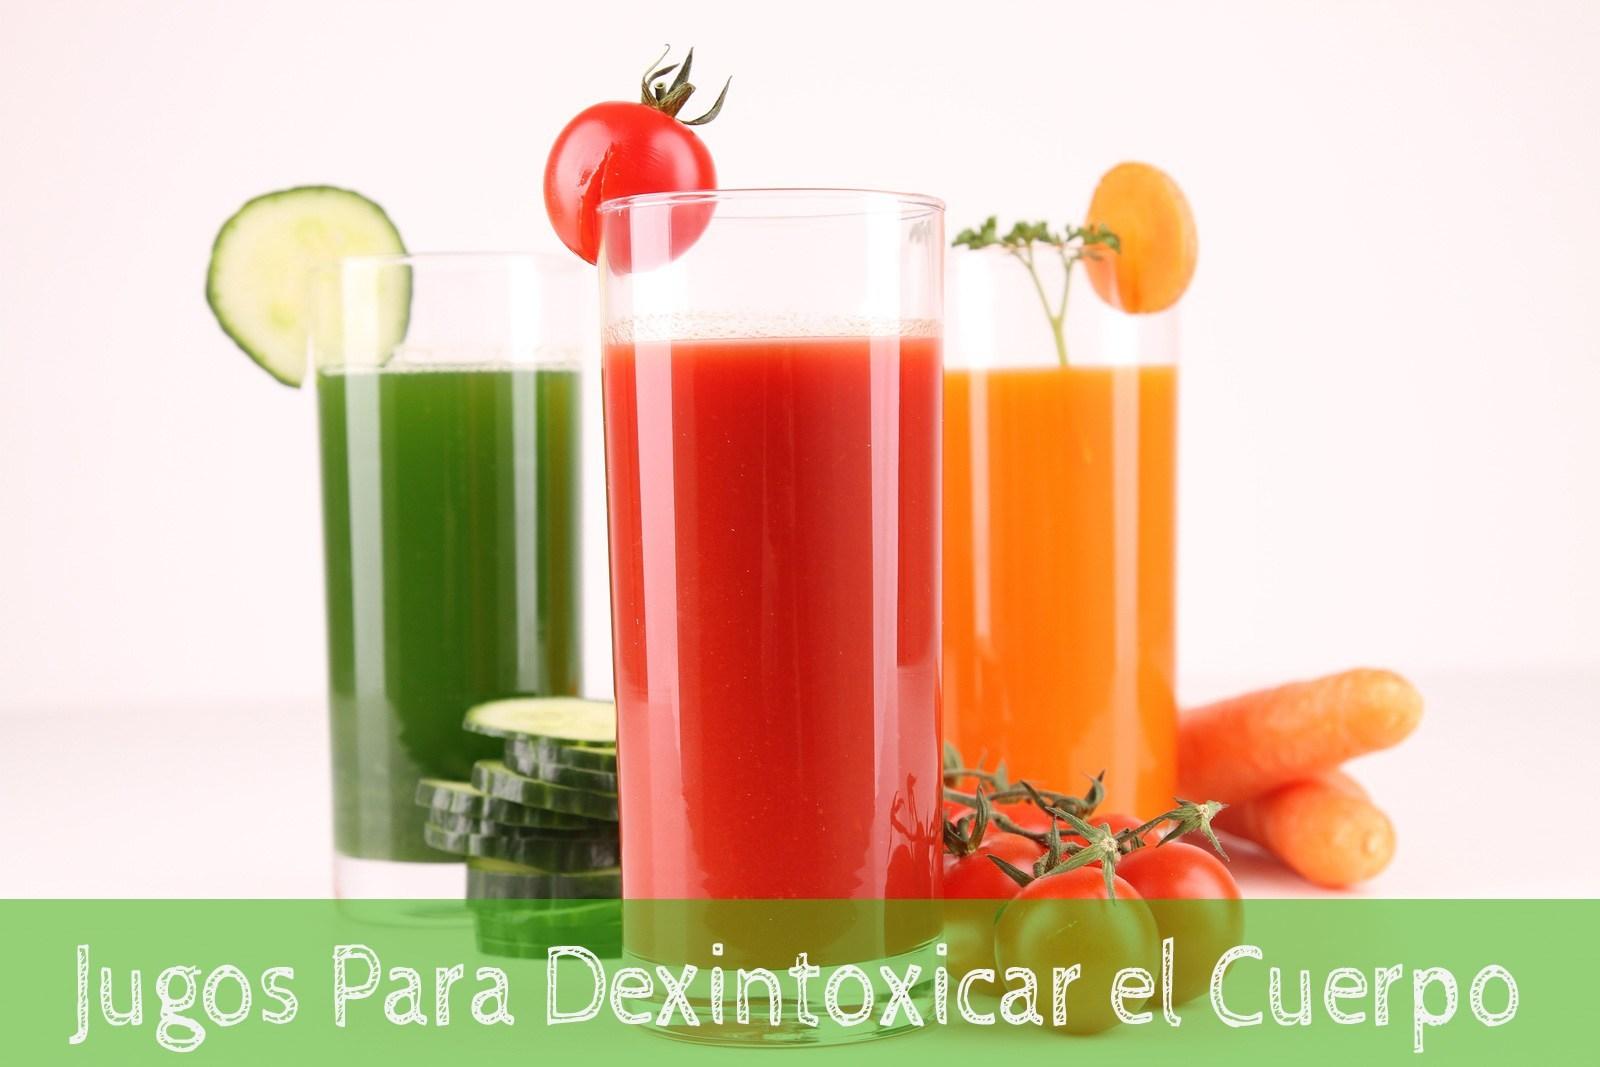 4 Jugos para desintoxicar el cuerpo - La Guía de las Vitaminas